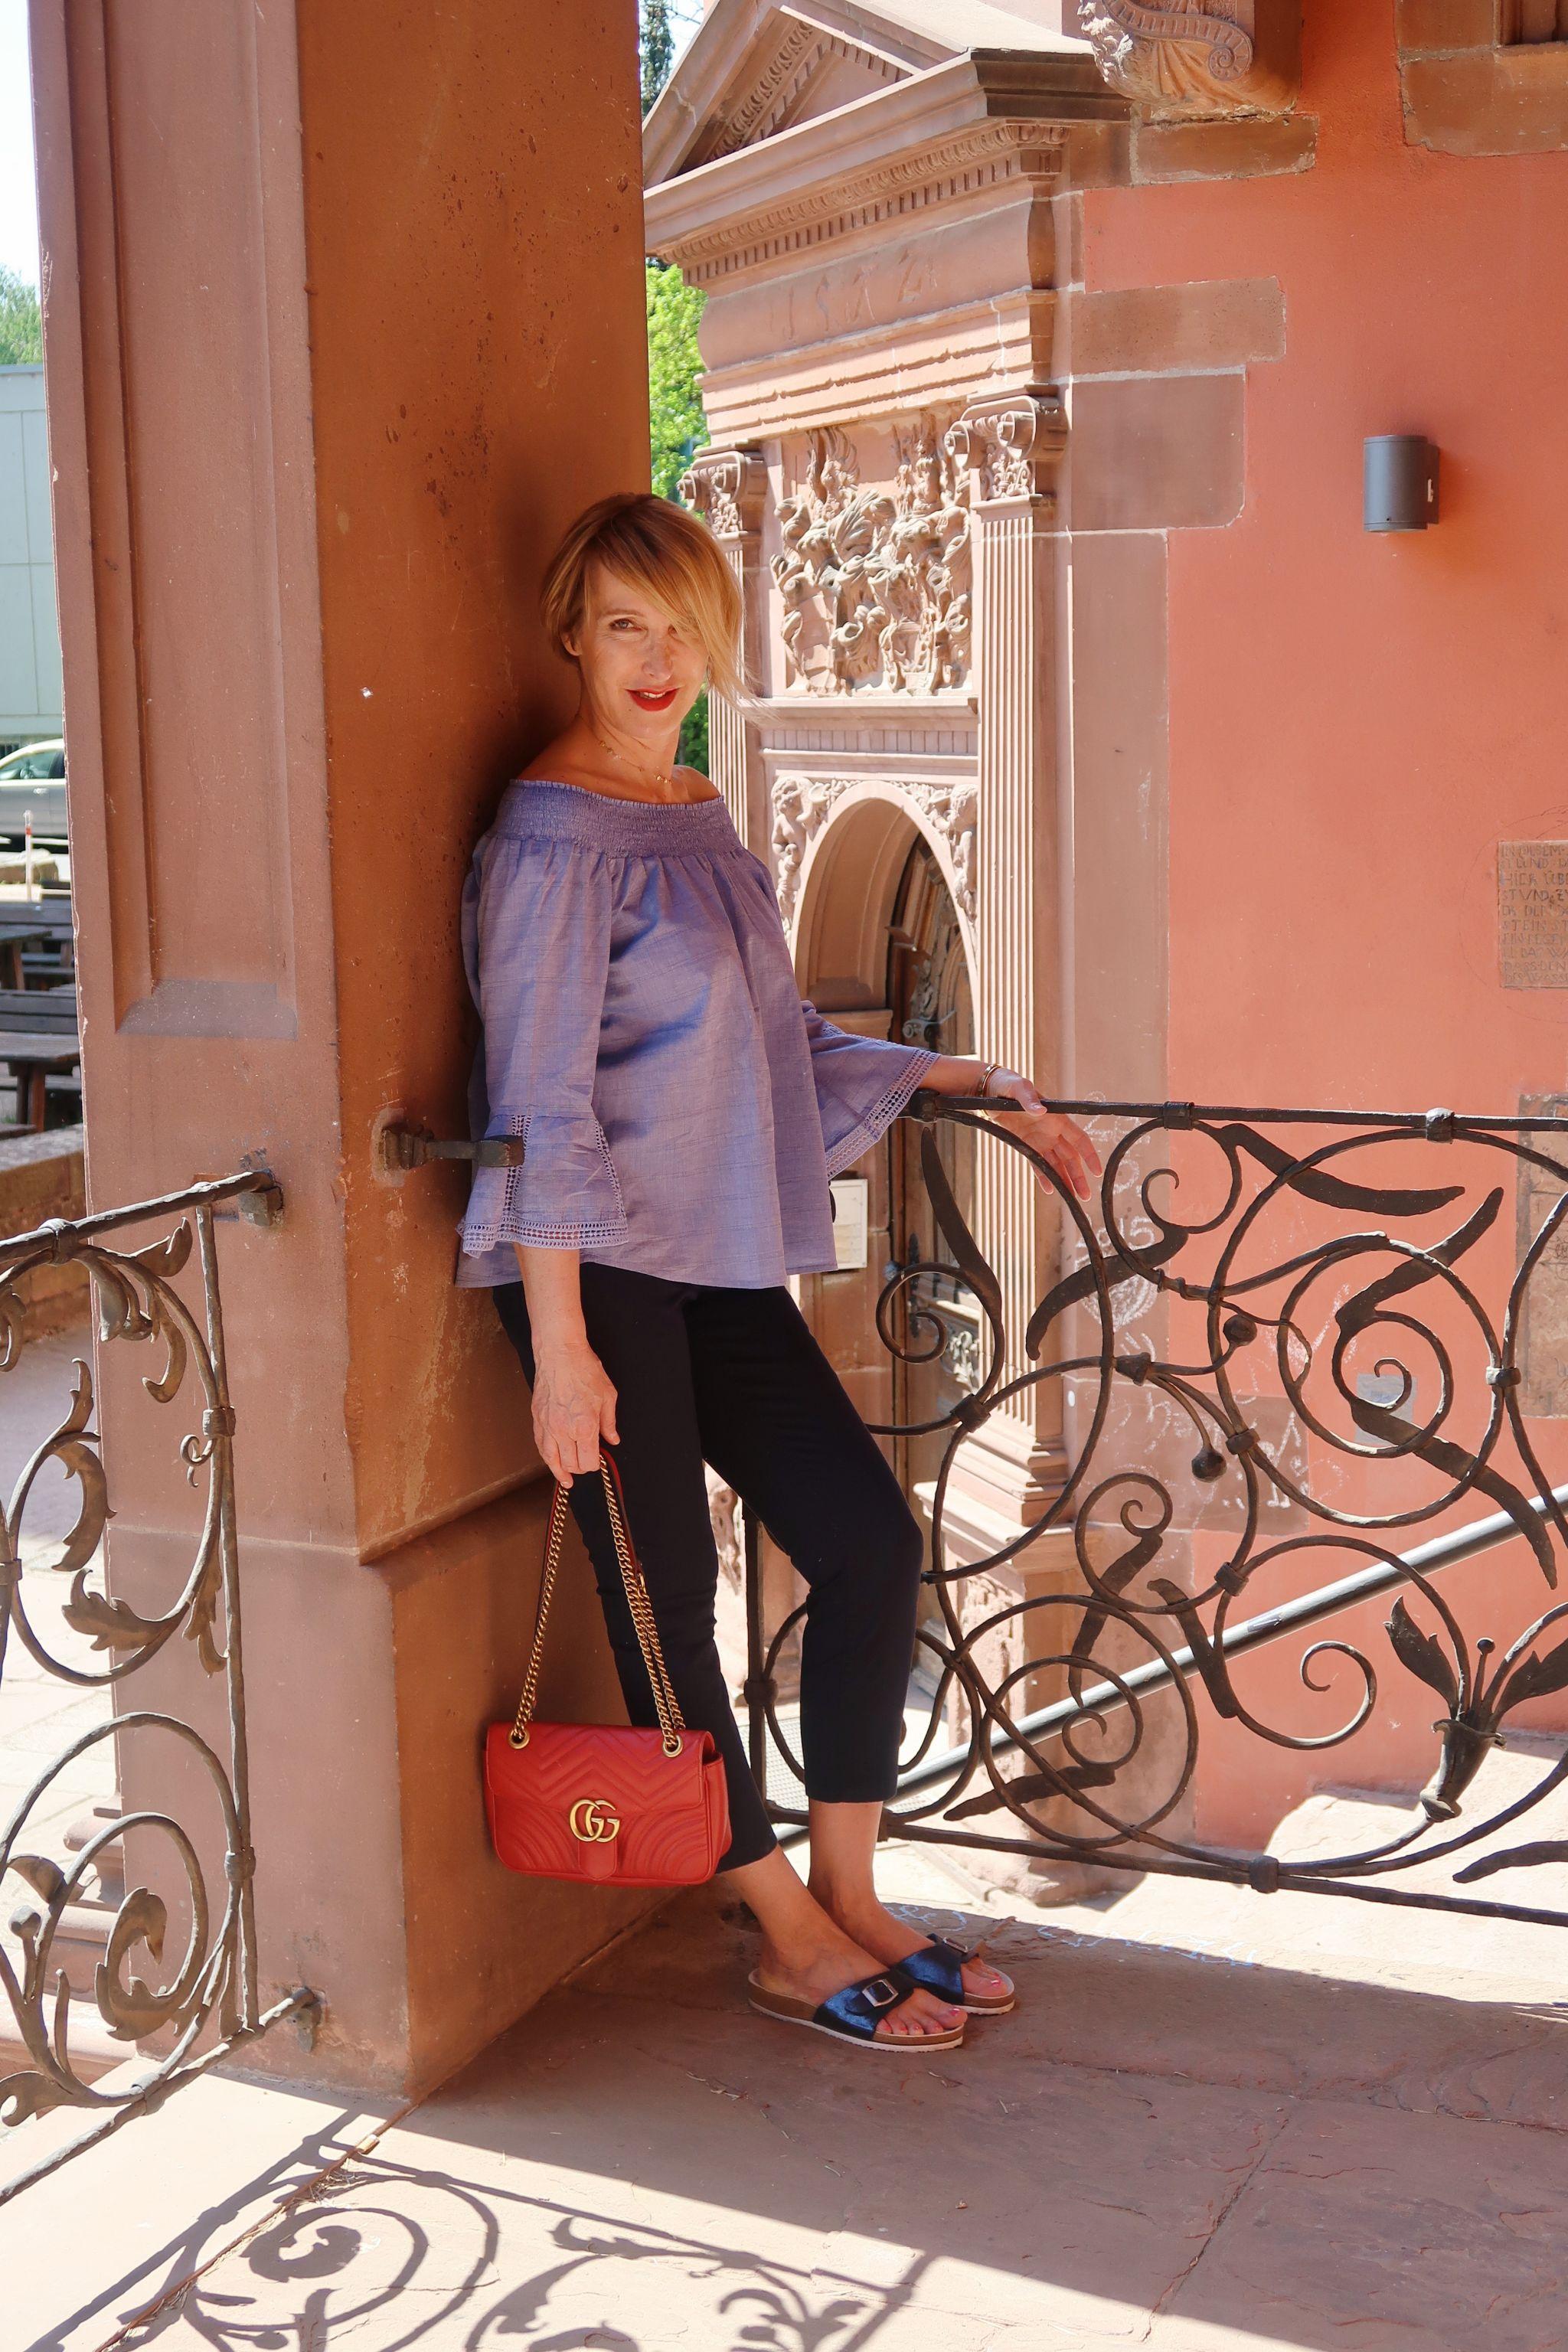 glamupyourlifestyle tchibo-kollektion luftig-leger tchibowoche carmenbluse leinenhose ue-40-mode ü-40-blog